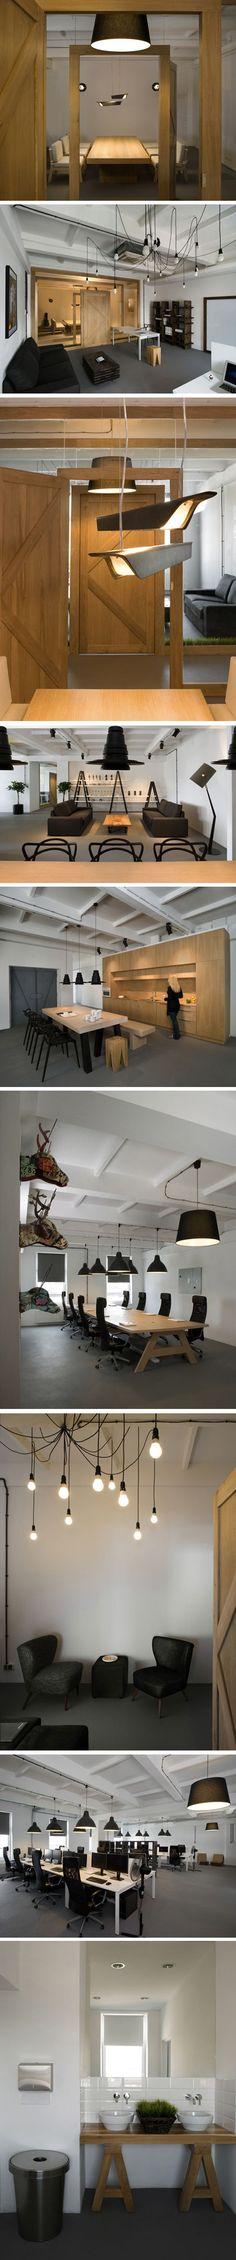 Lieu désaffecté et bois recyclé Voici les nouveaux bureaux de l'agence de pub Pride&Glory Interactive à Cracovie conçus tout spécialement par les desig